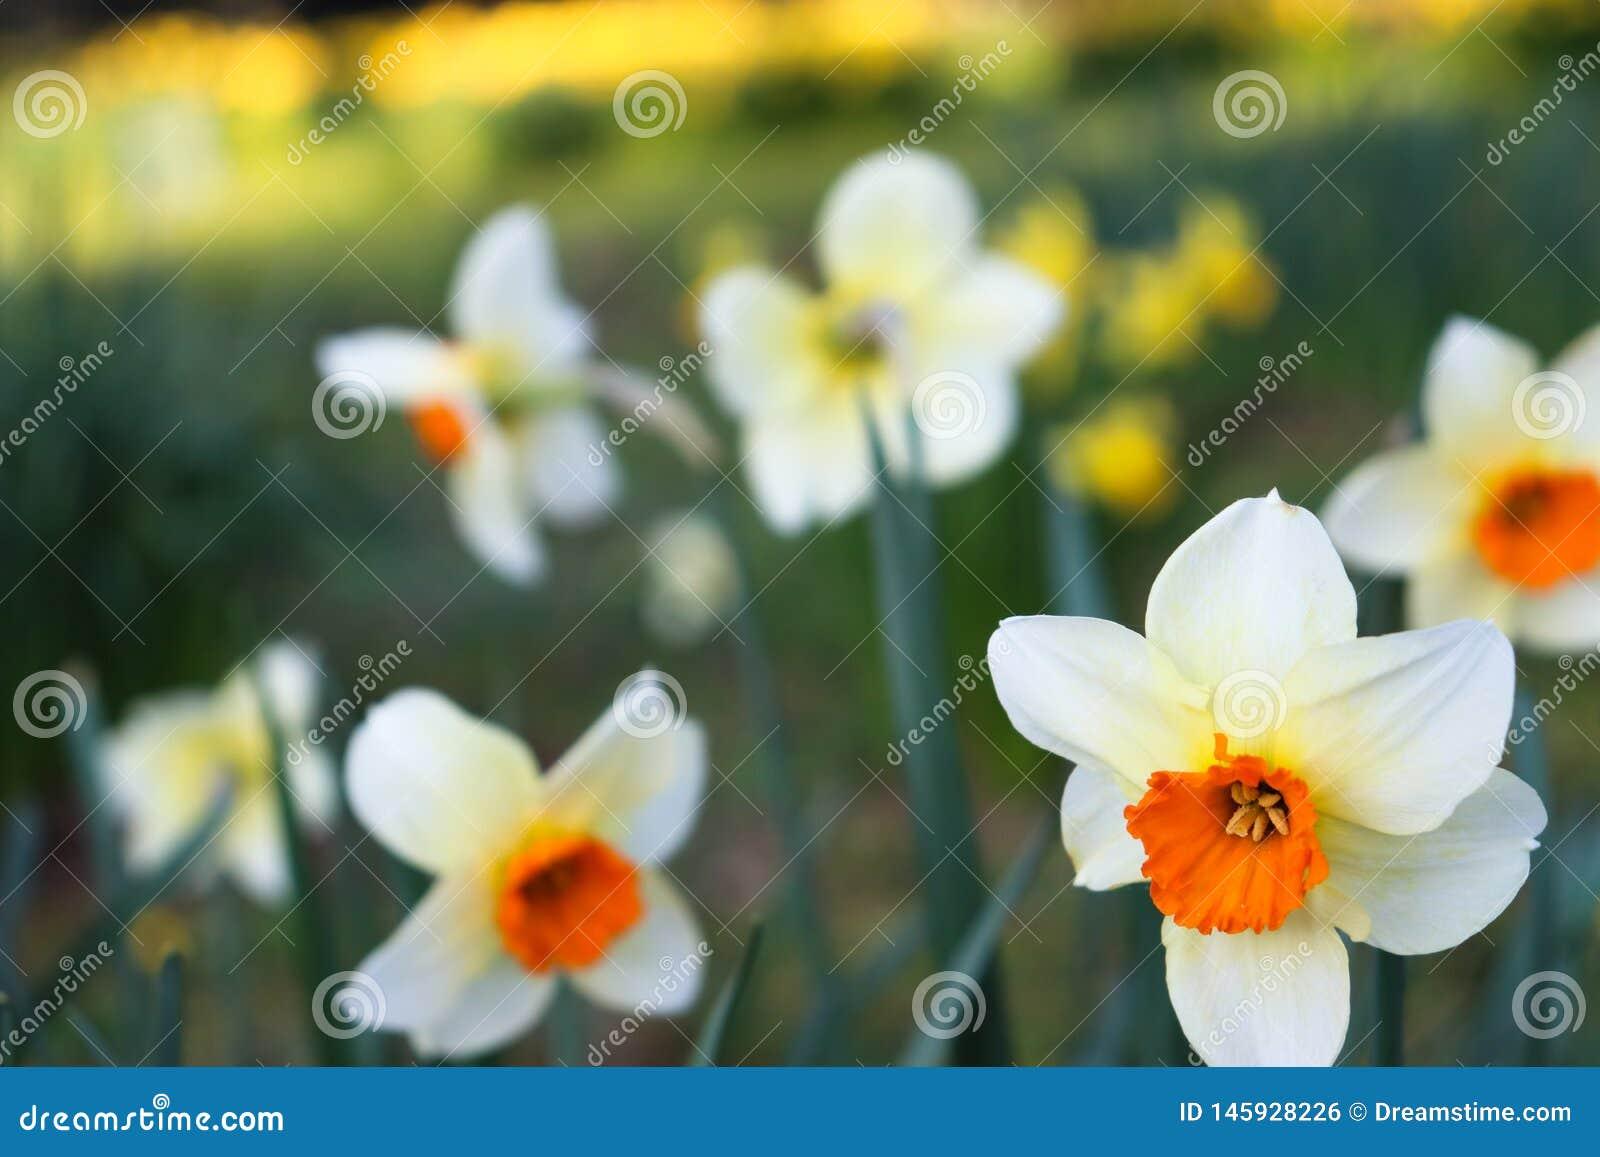 Fiore bianco/rosso in priorità alta con fondo vago